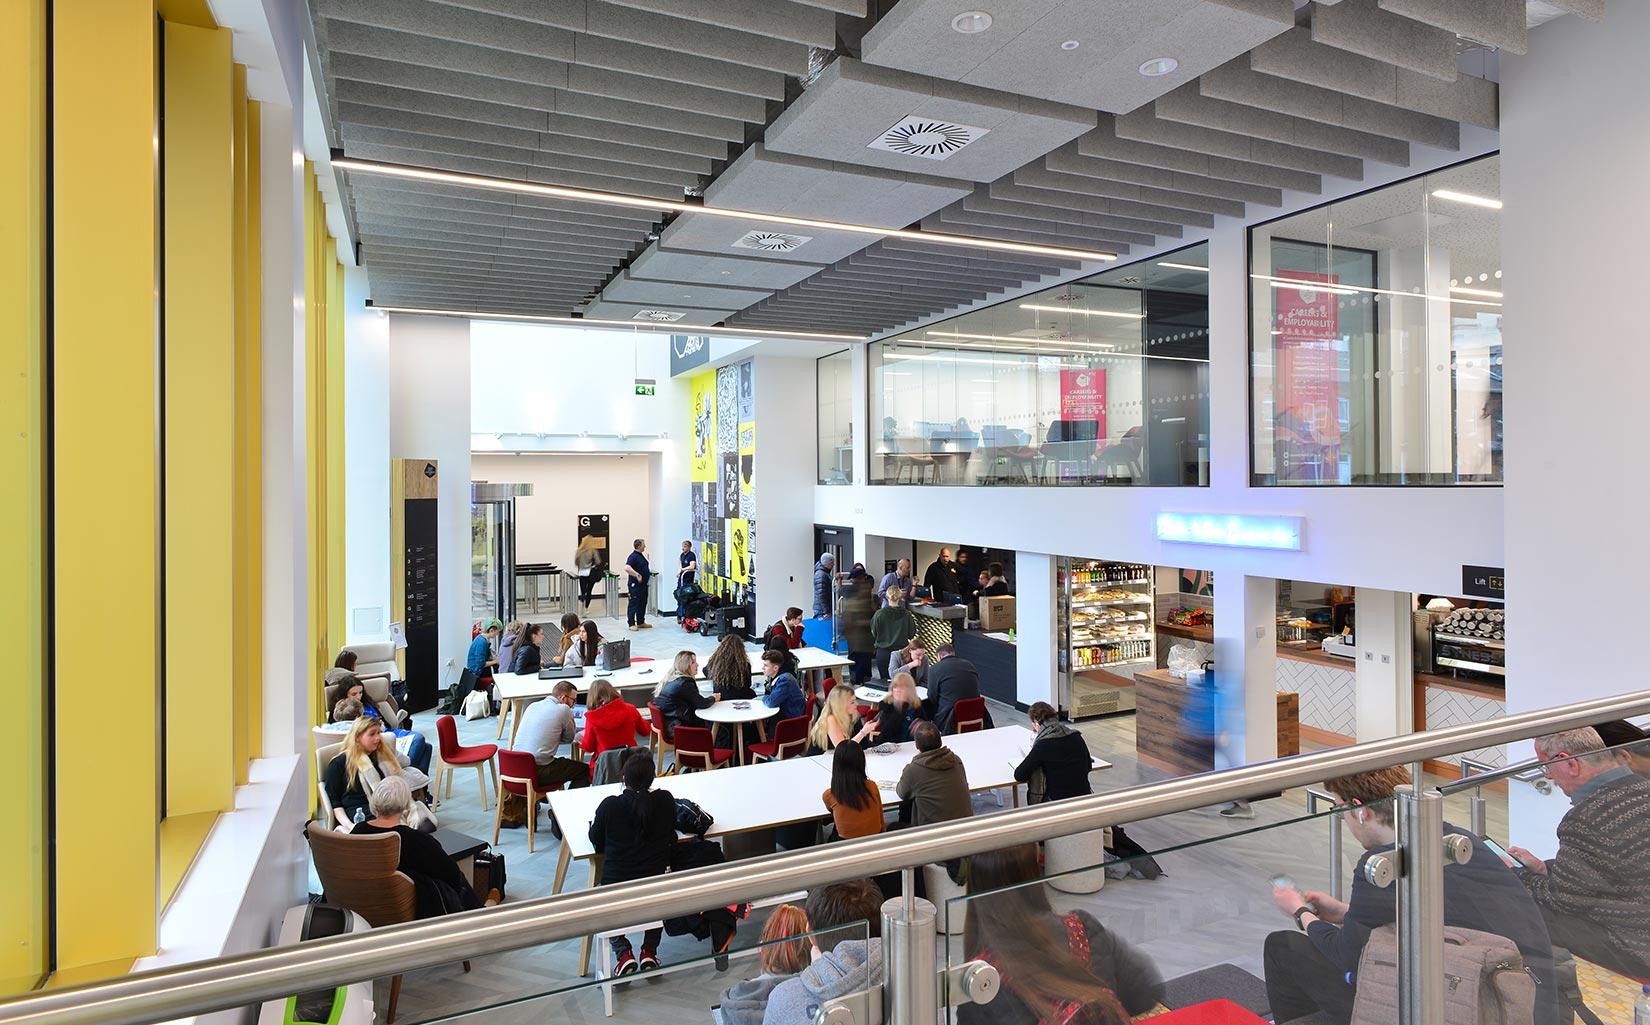 Leeds Arts University, Café and Breakout Space